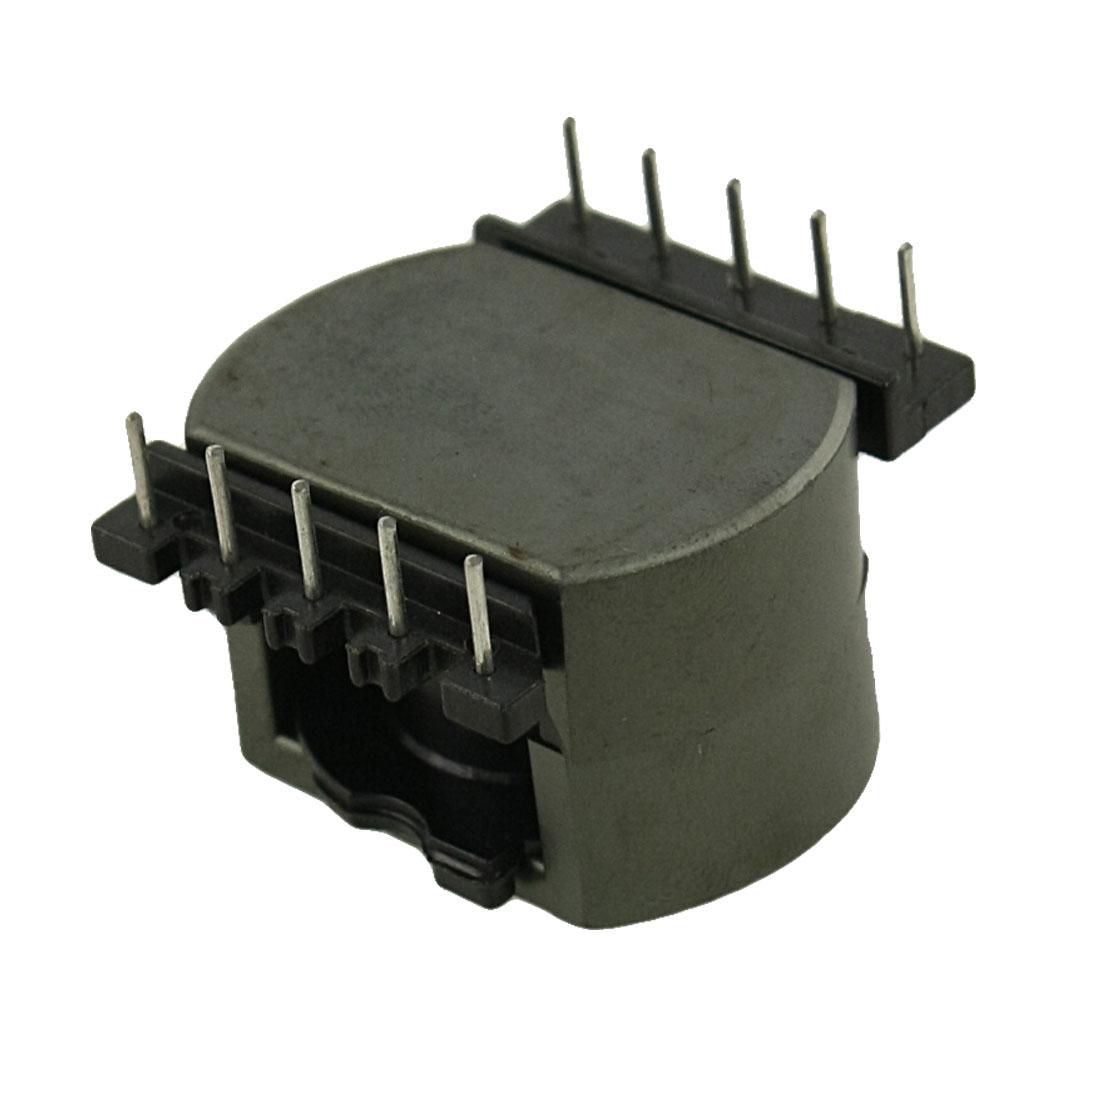 Transformers POT3019 Ferrite Cores w 10 Pin Plastic Bobbin Coil Former